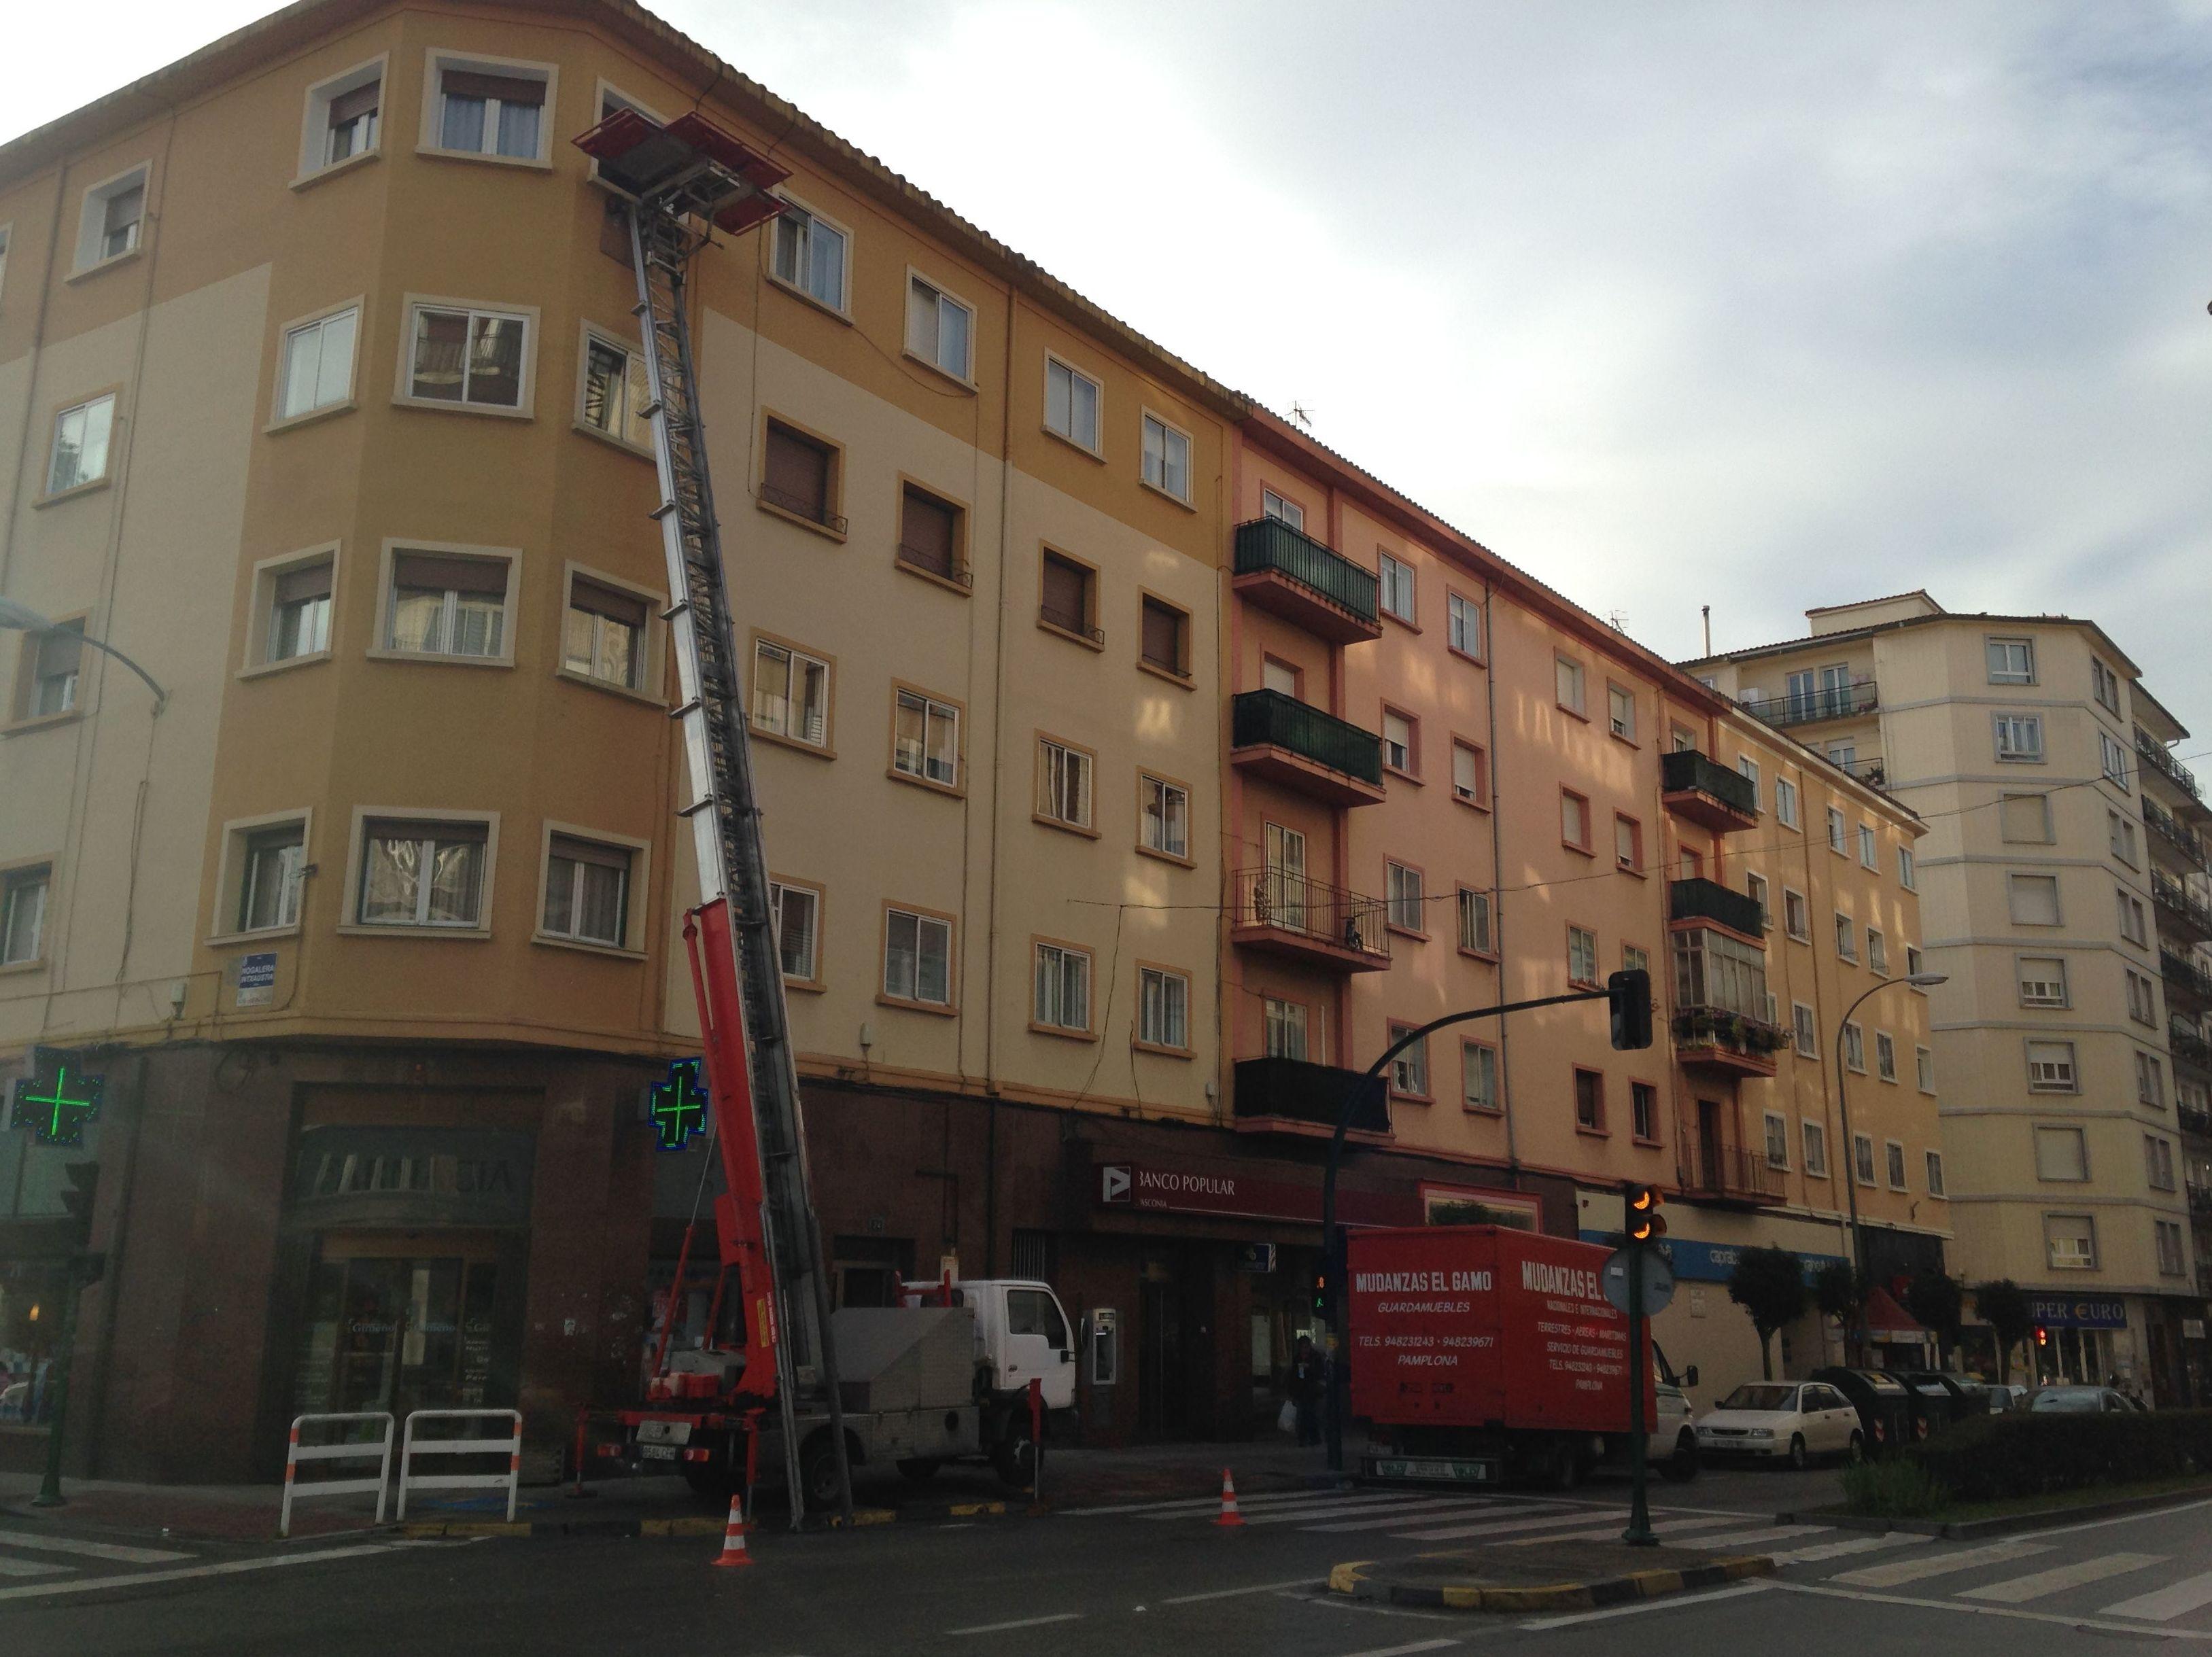 Mudanzas Gamo: En la calle mayor de Burlada, ¡ con uno de nuestros montamuebles!